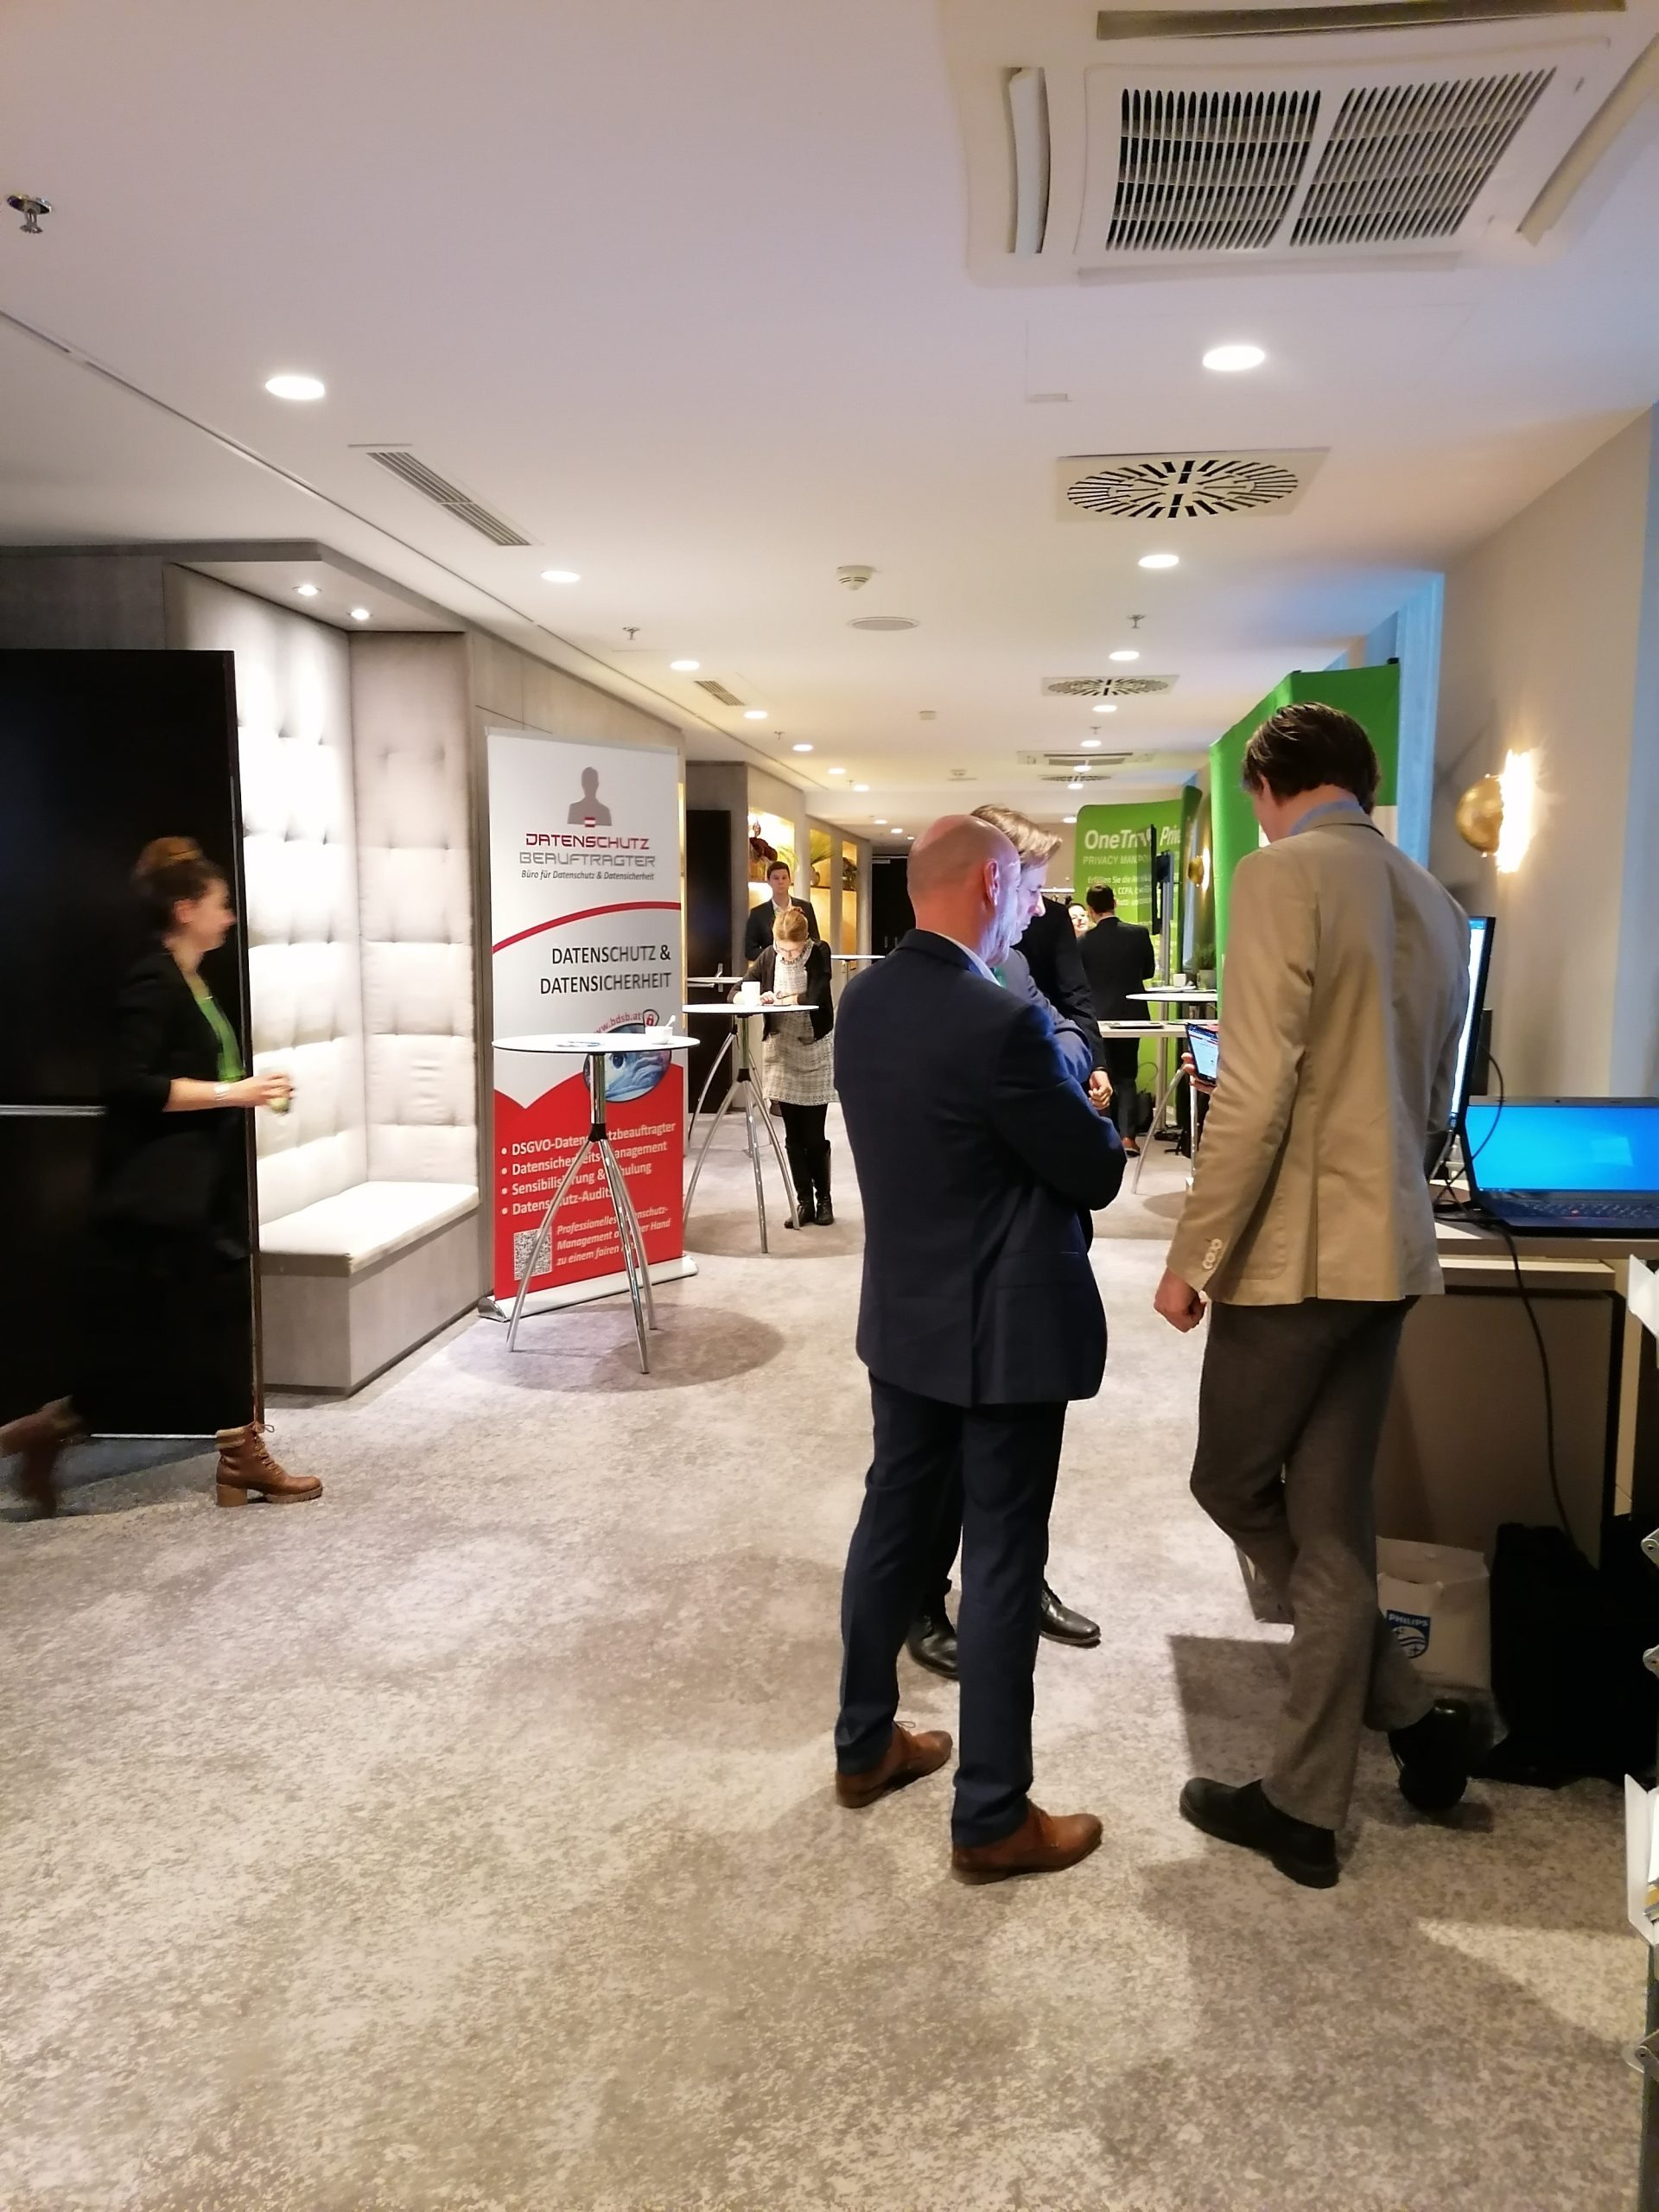 imh Jahrestagung Datenschutz:  Interessantes DSGVO-Potpourri in Wien